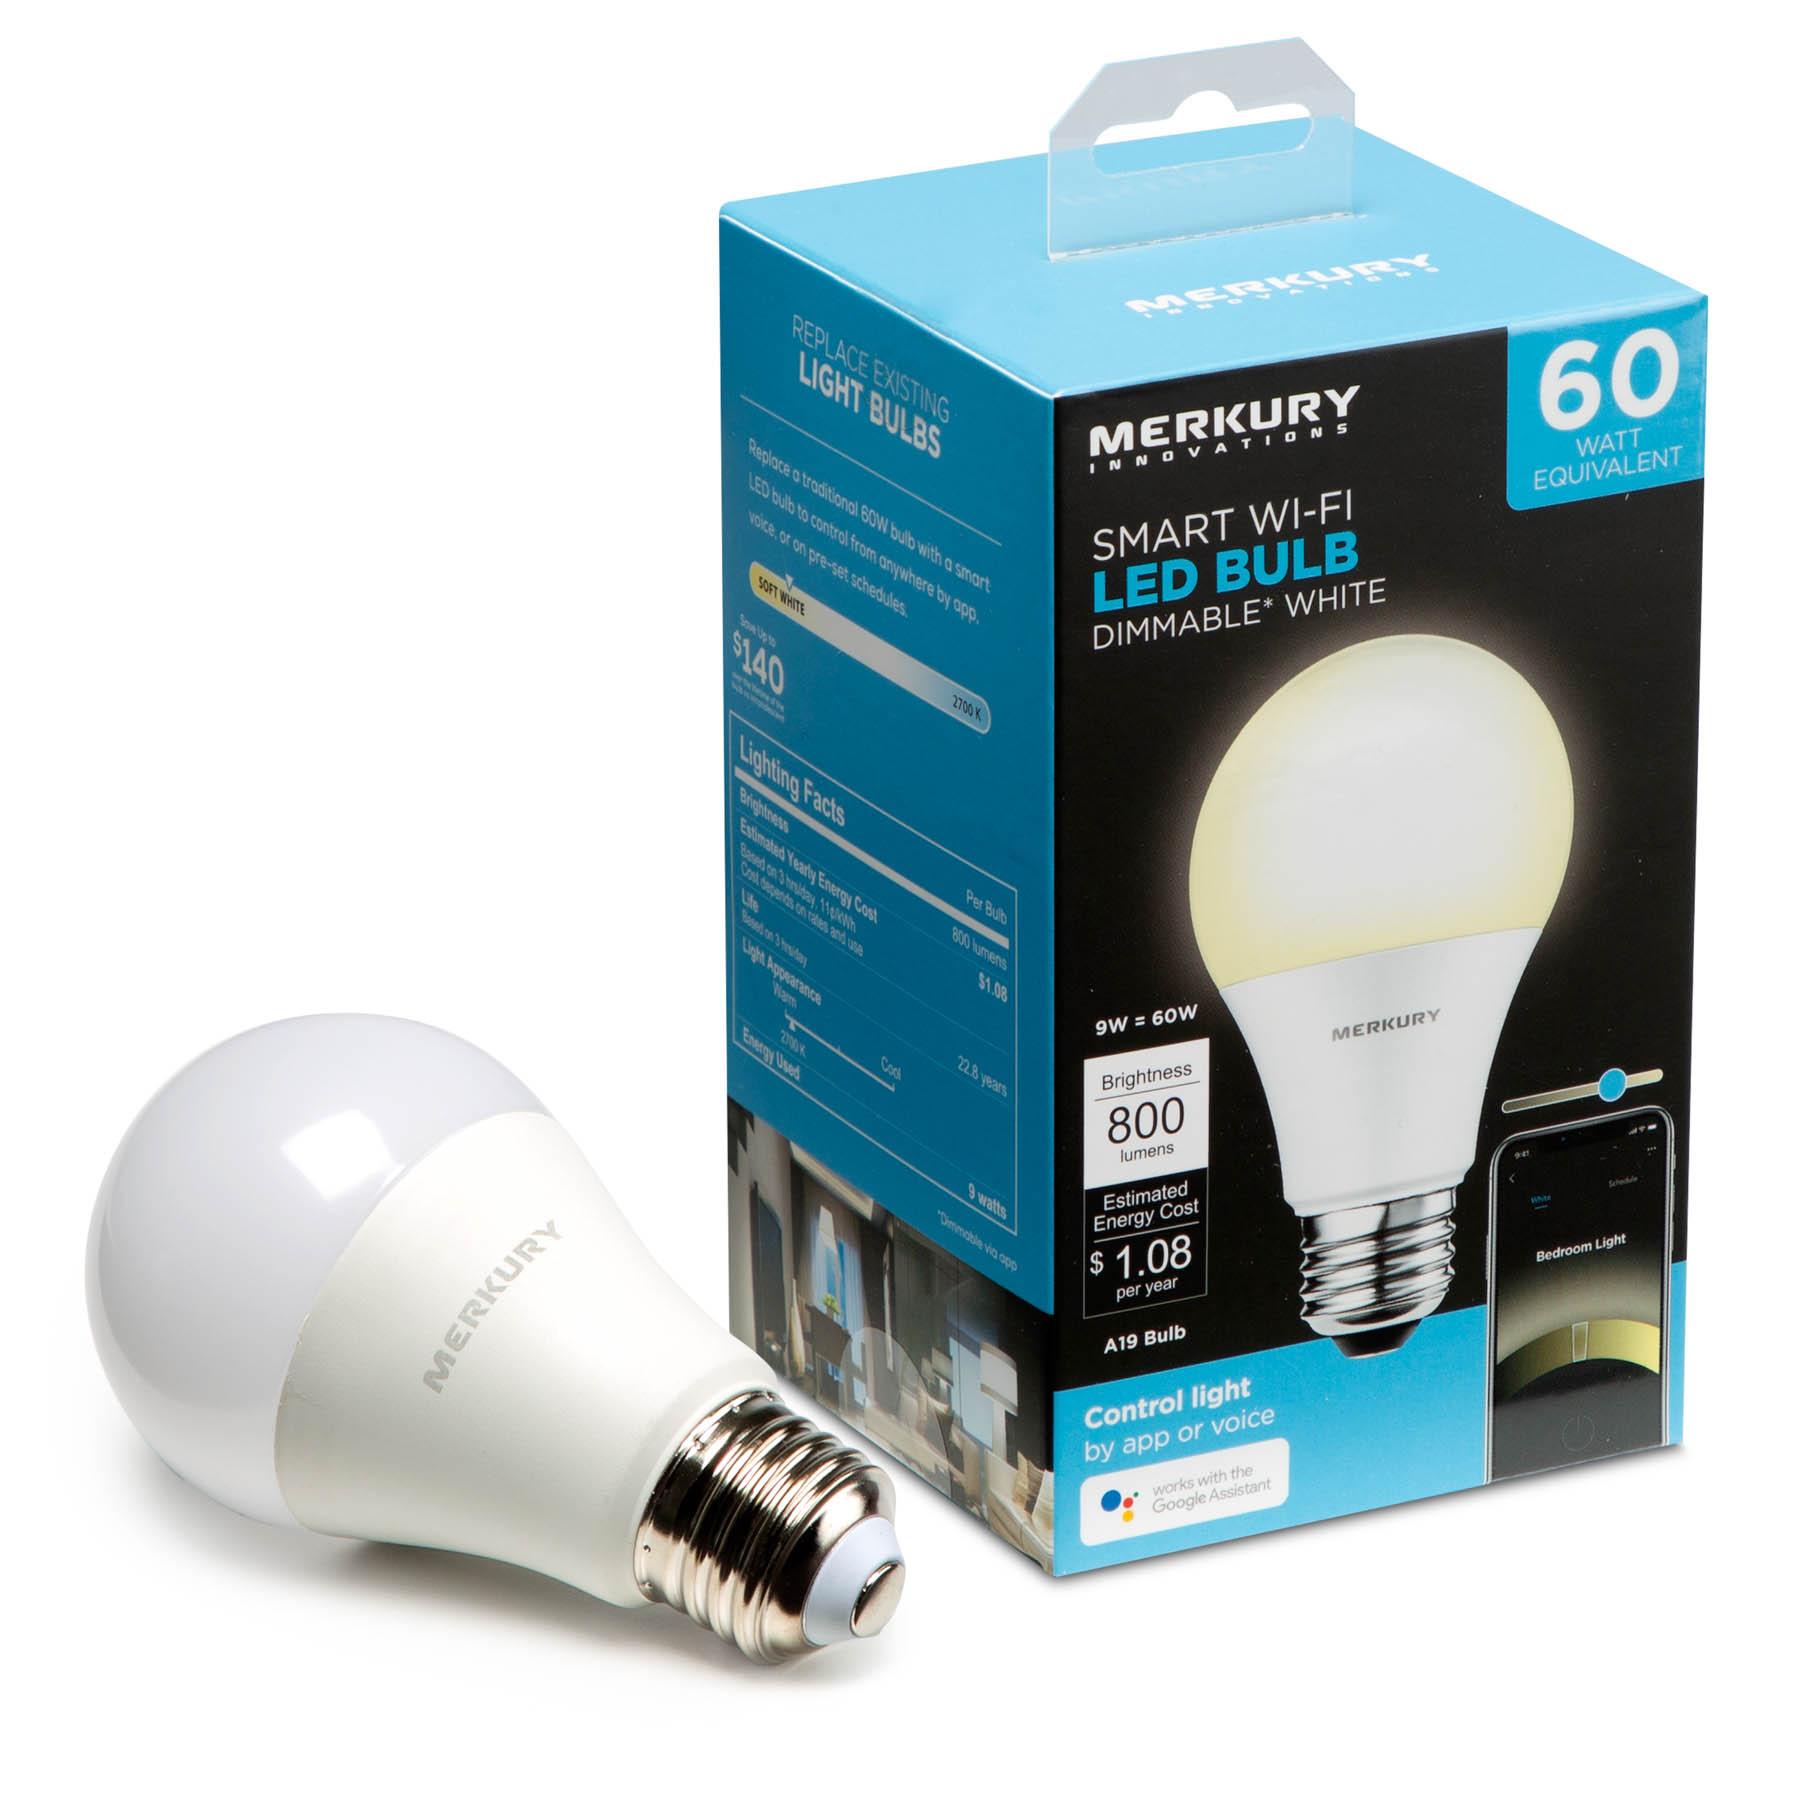 Merkury wifi dimmable bulb @ Walmart $4.97